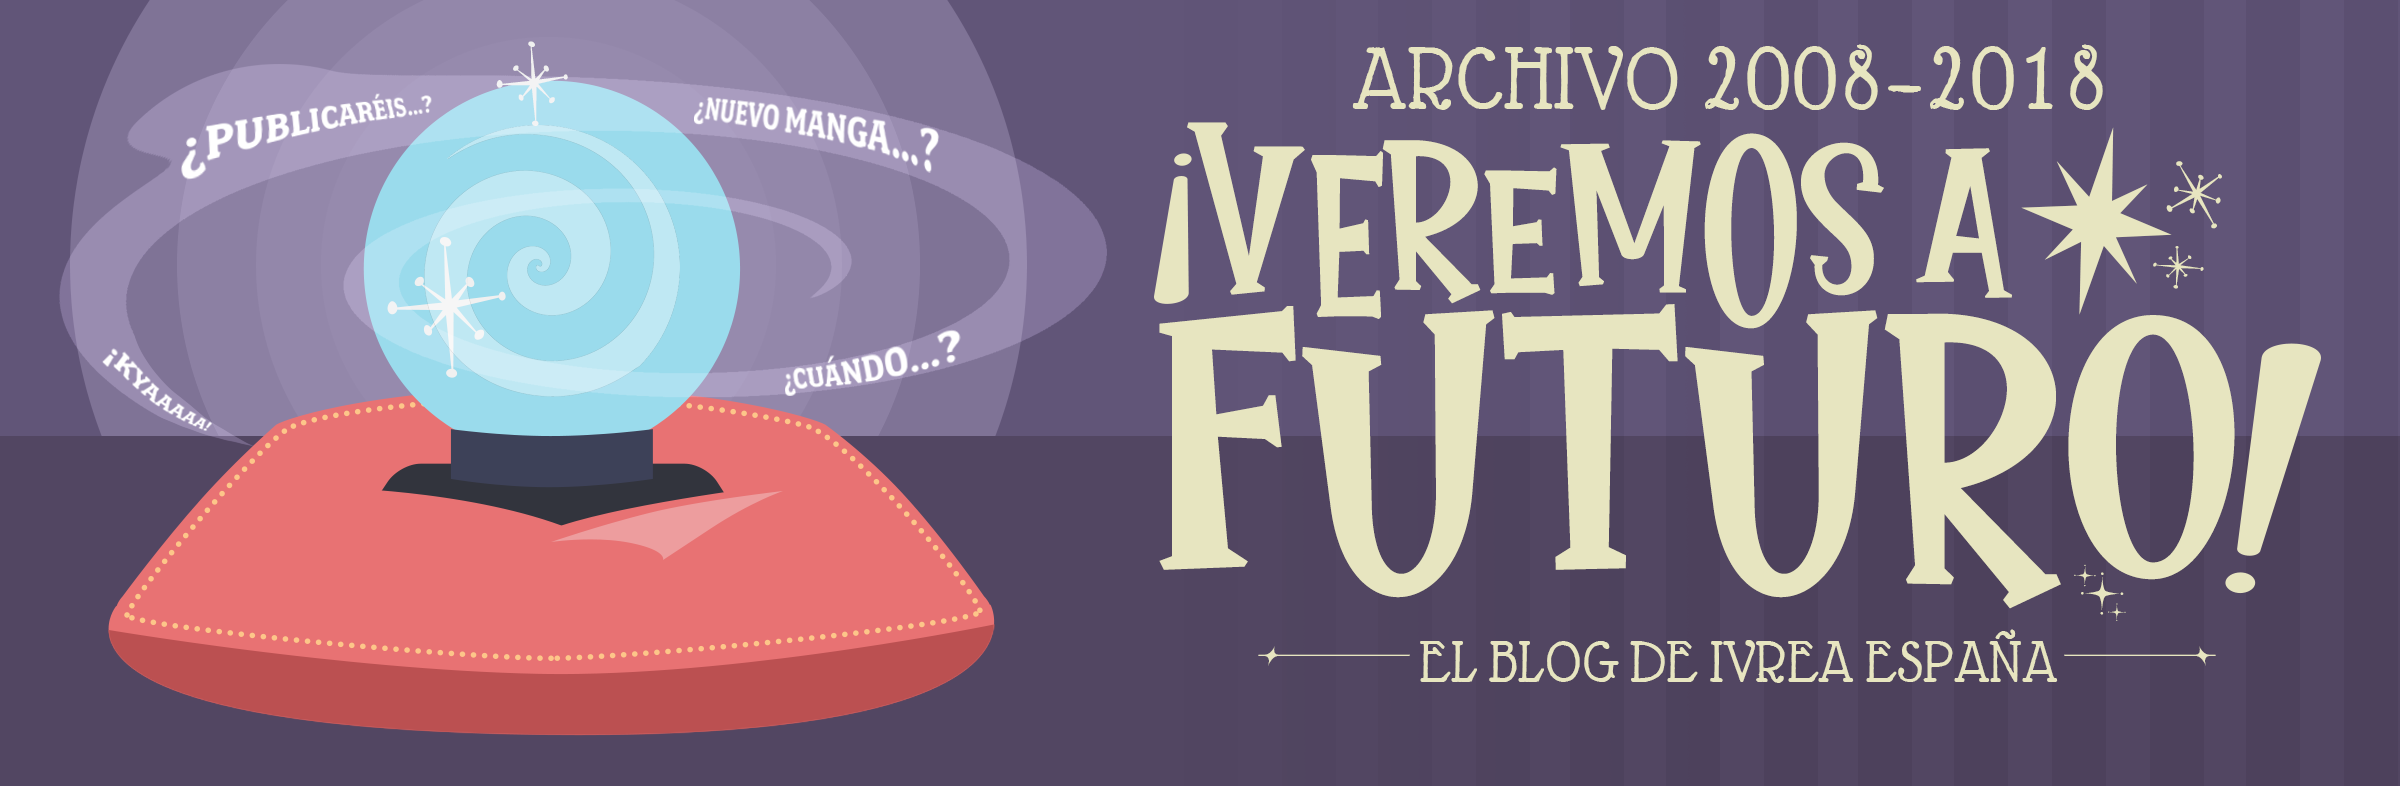 ¡Veremos a futuro! El blog de Ivrea España